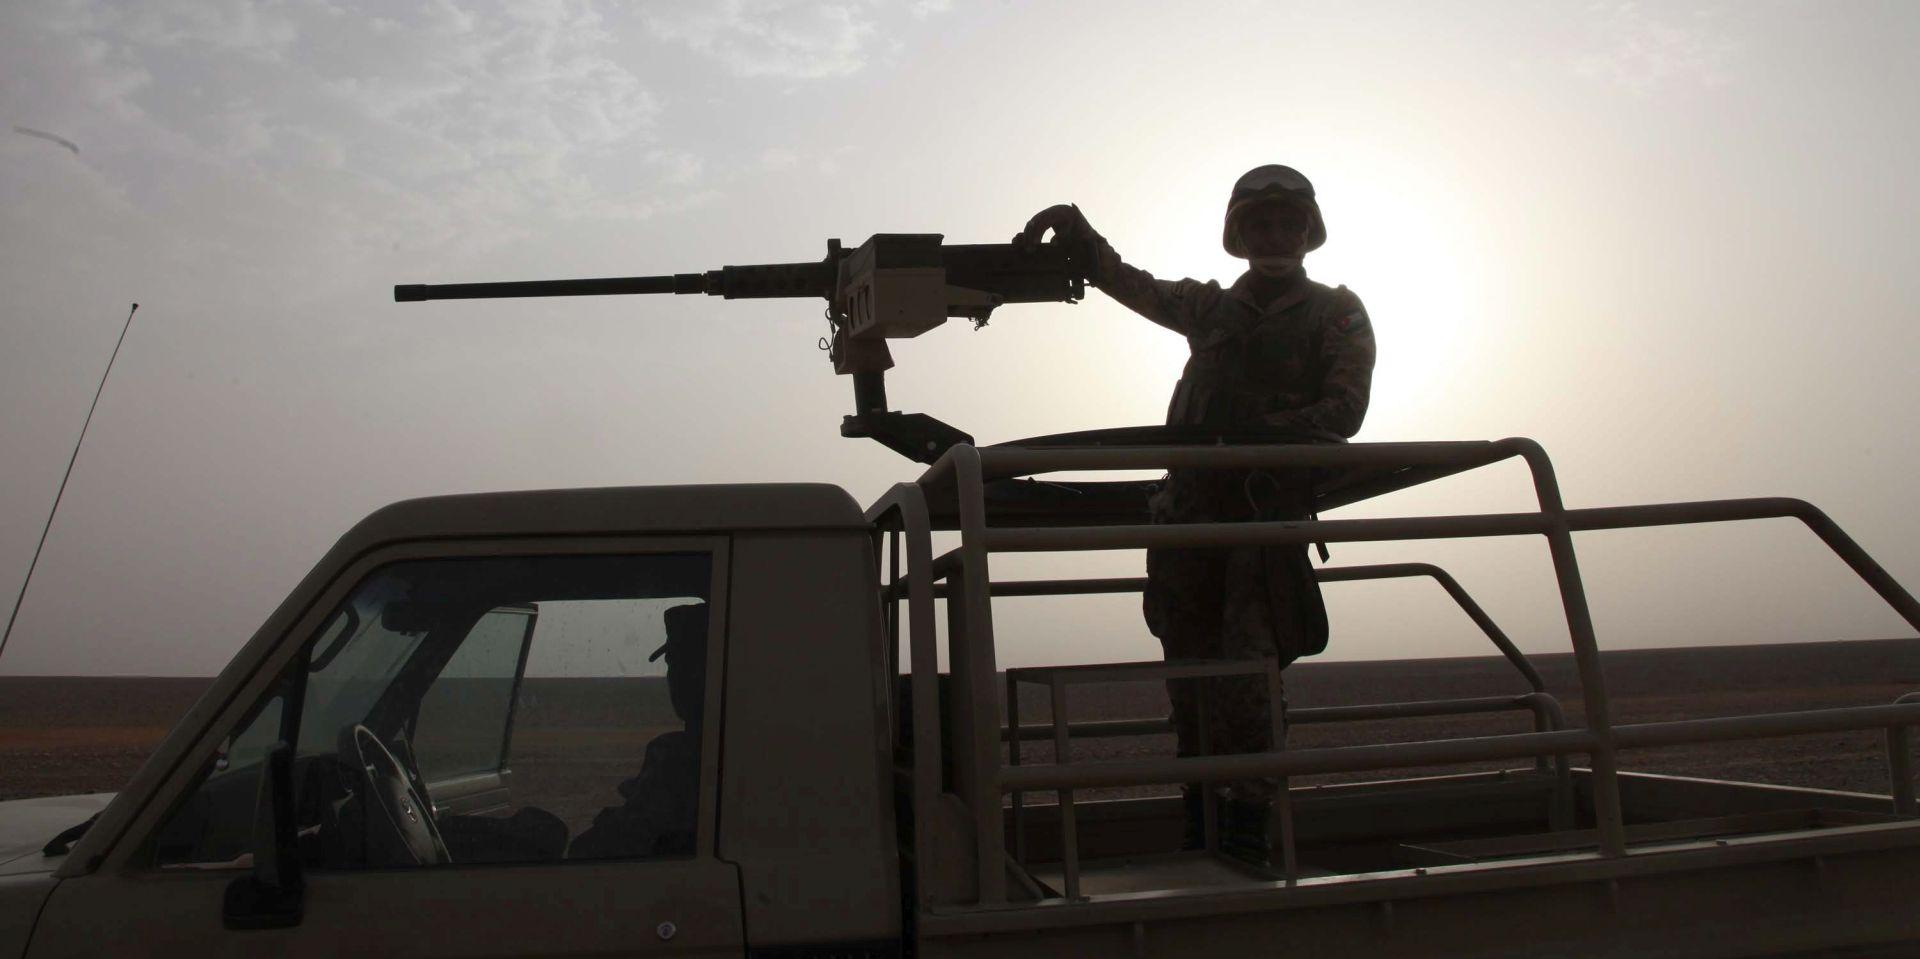 NAKON SAMOUBILAČKOG NAPADA Jordan zatvorio granice sa Sirijom i Irakom